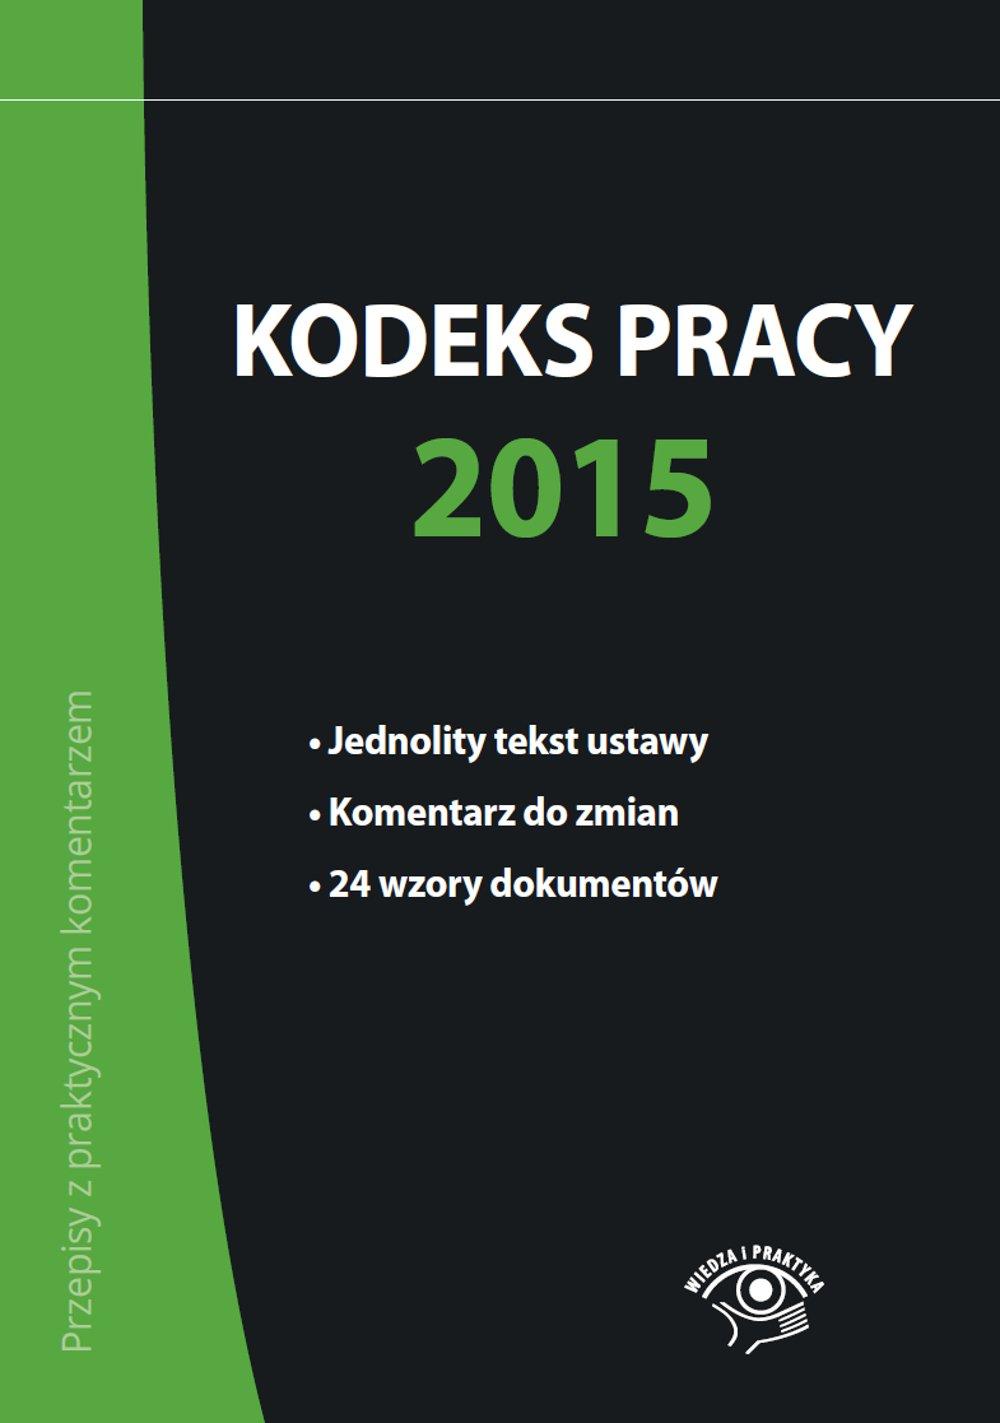 Kodeks pracy 2015 - Ebook (Książka PDF) do pobrania w formacie PDF